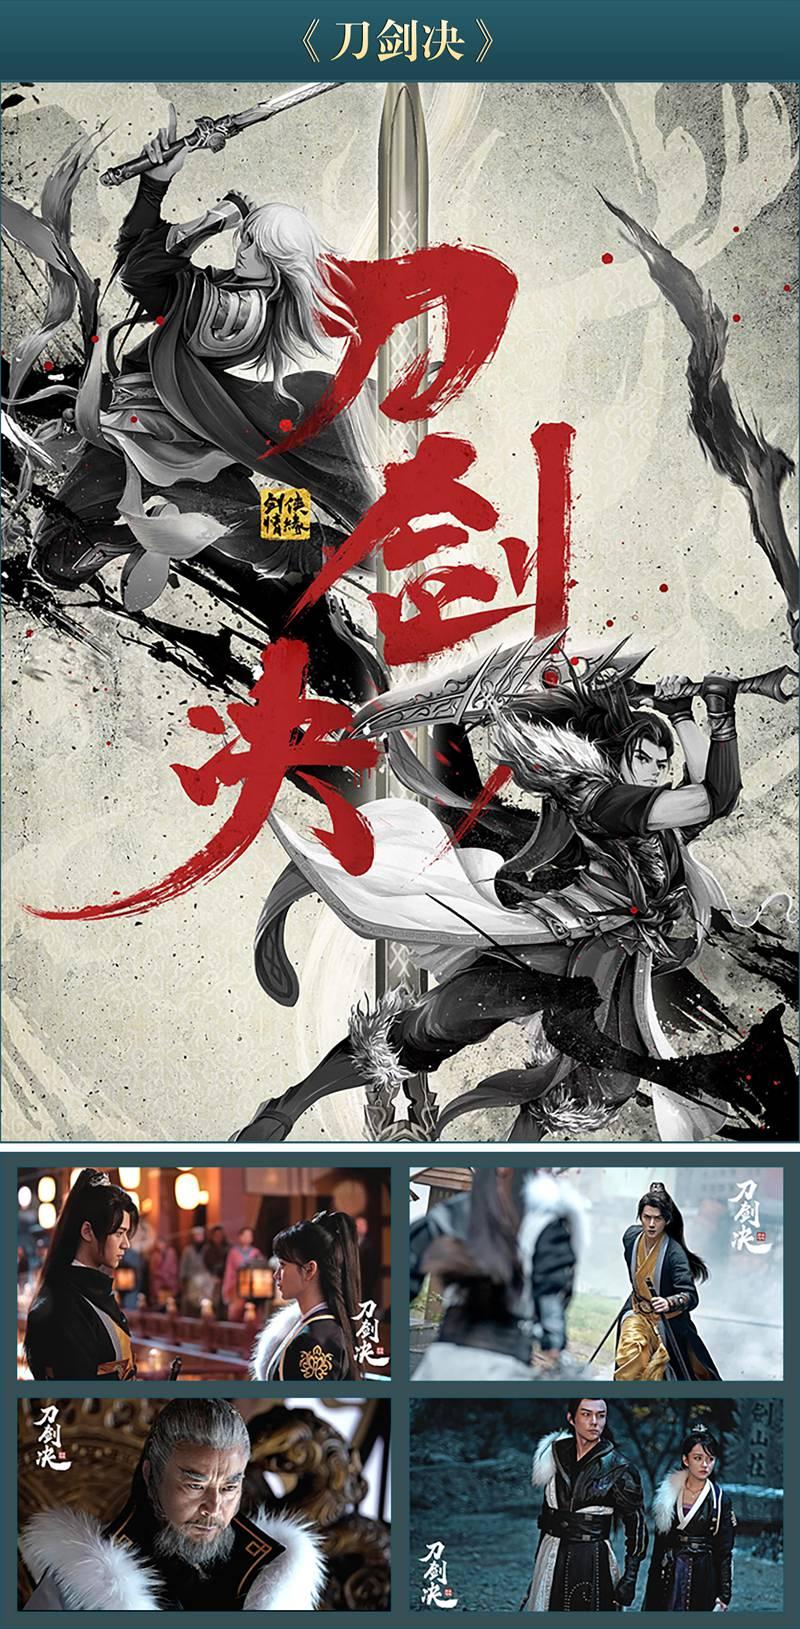 《剑网3》图片49